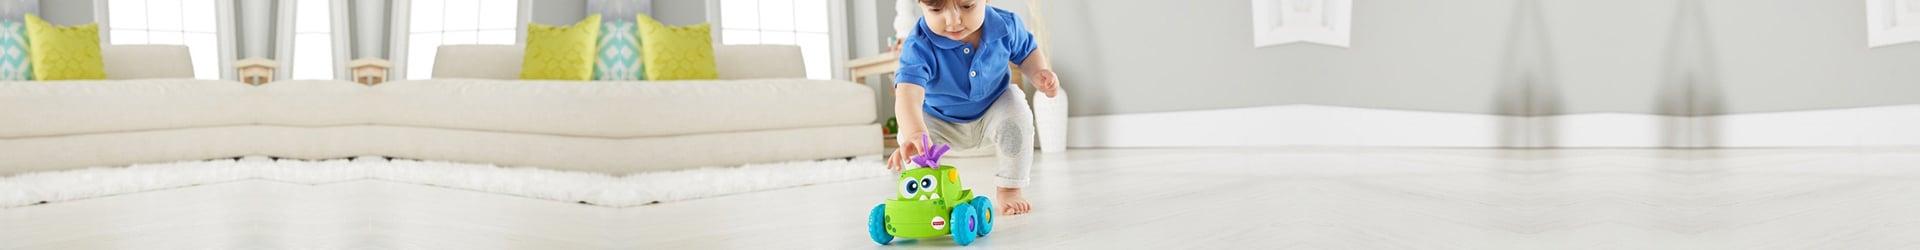 juguetes luces y sonidos para ninos